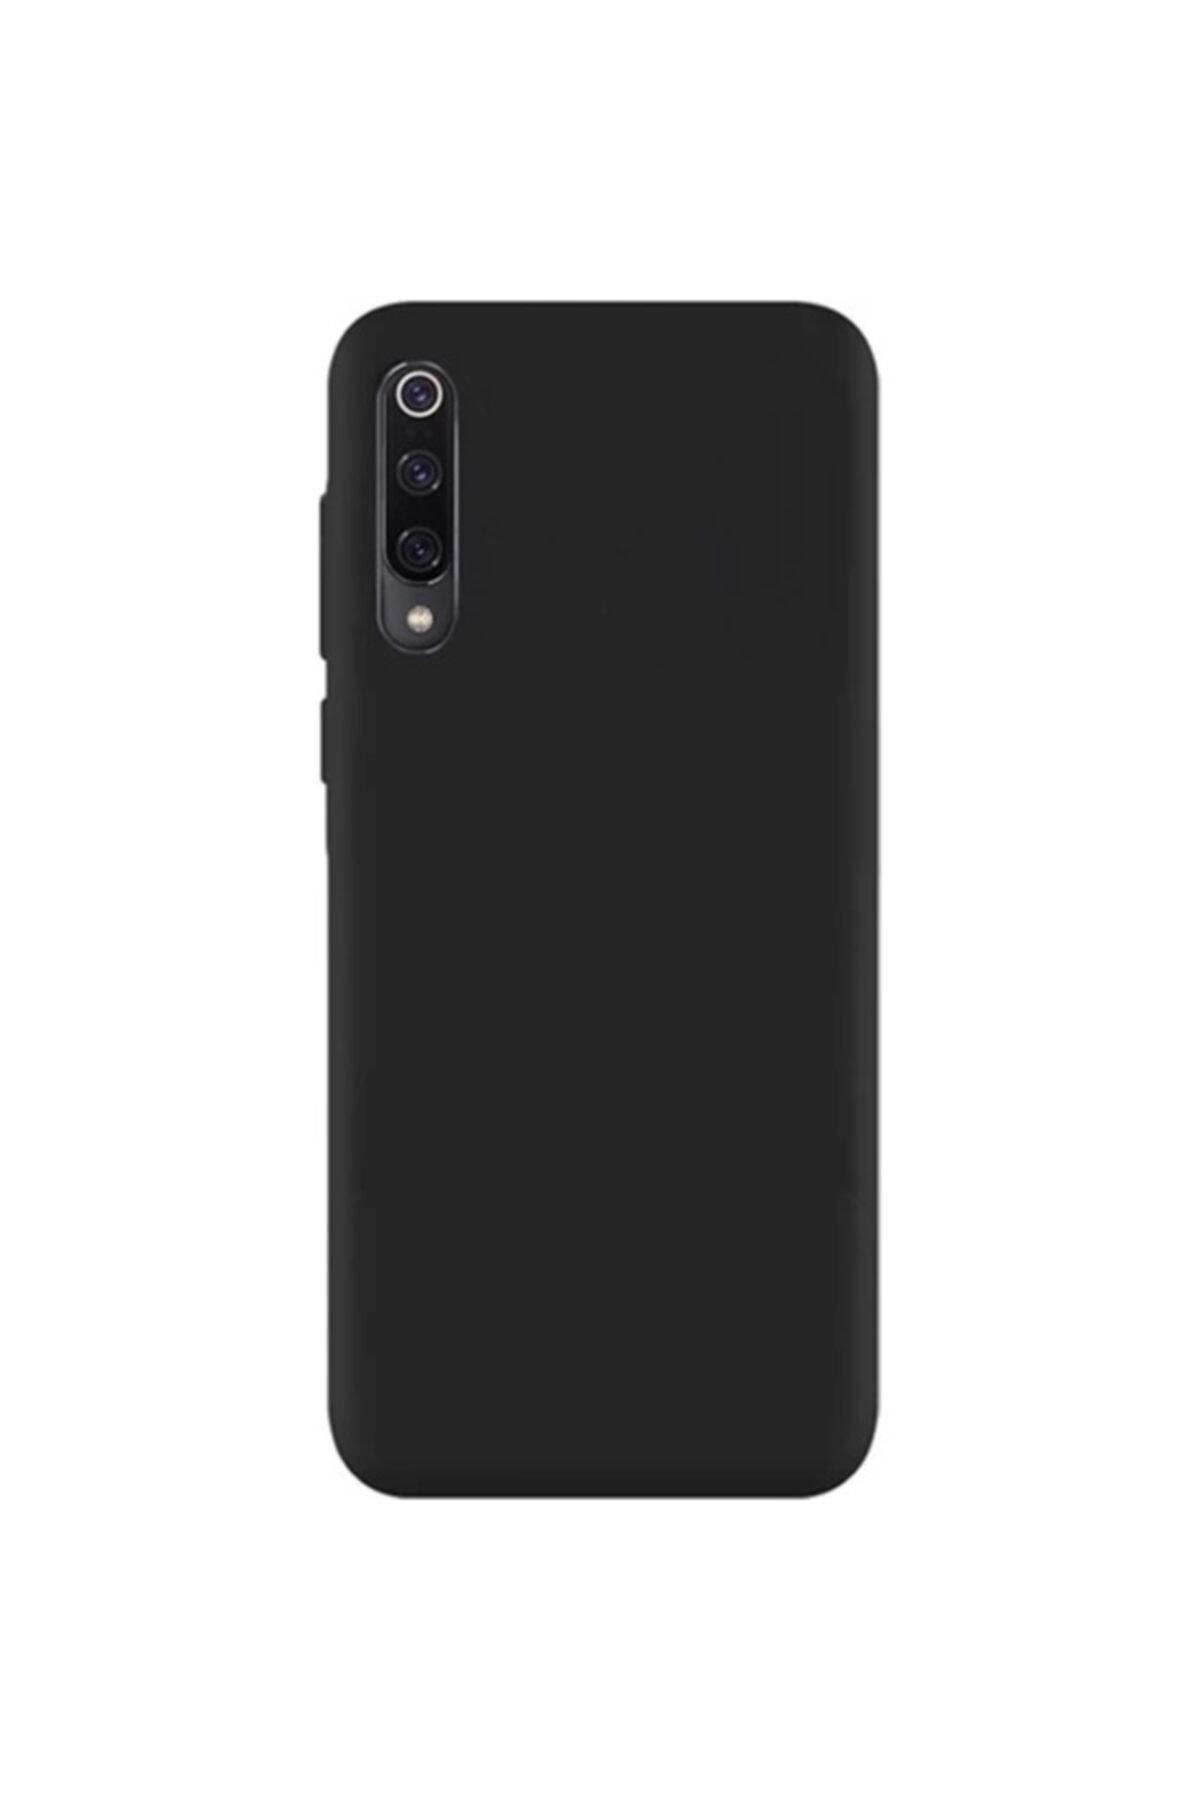 Zengin Çarşım Xiaomi Mi 9 - Mi 9 Lite Yumuşak Silikon Kılıf Siyah 1